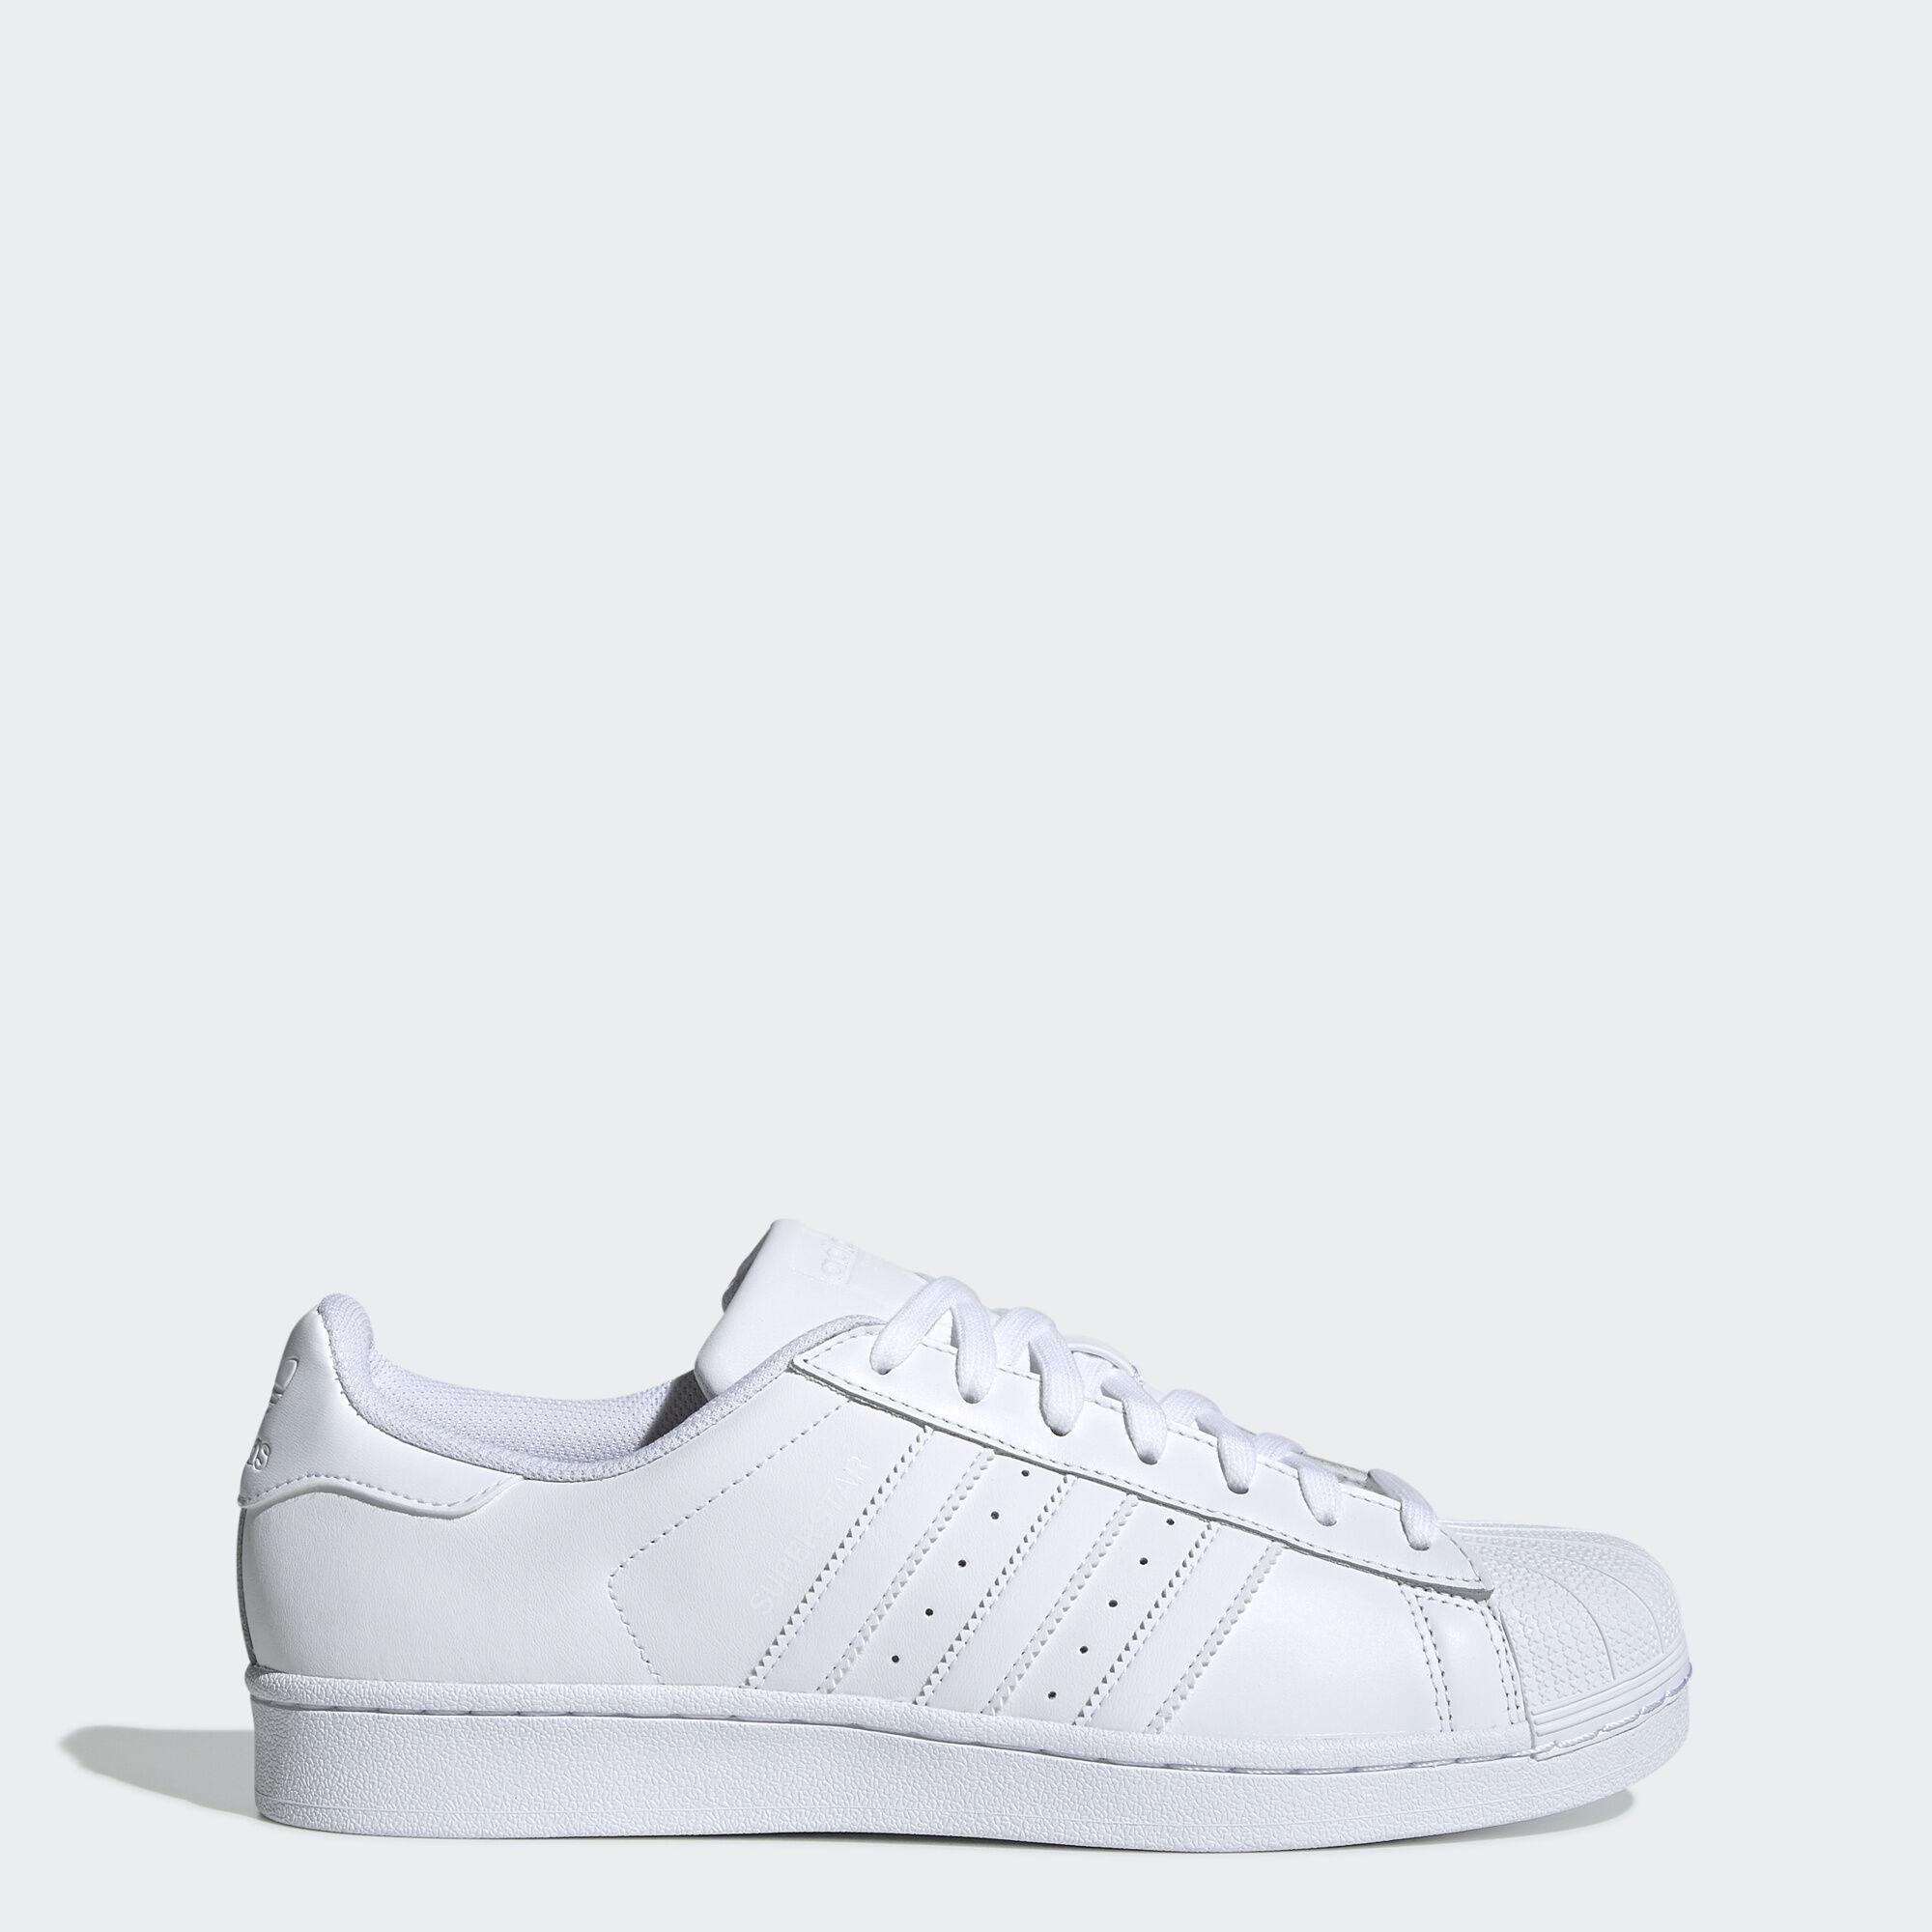 sapatilhas adidas superstar negozio oficial adidas